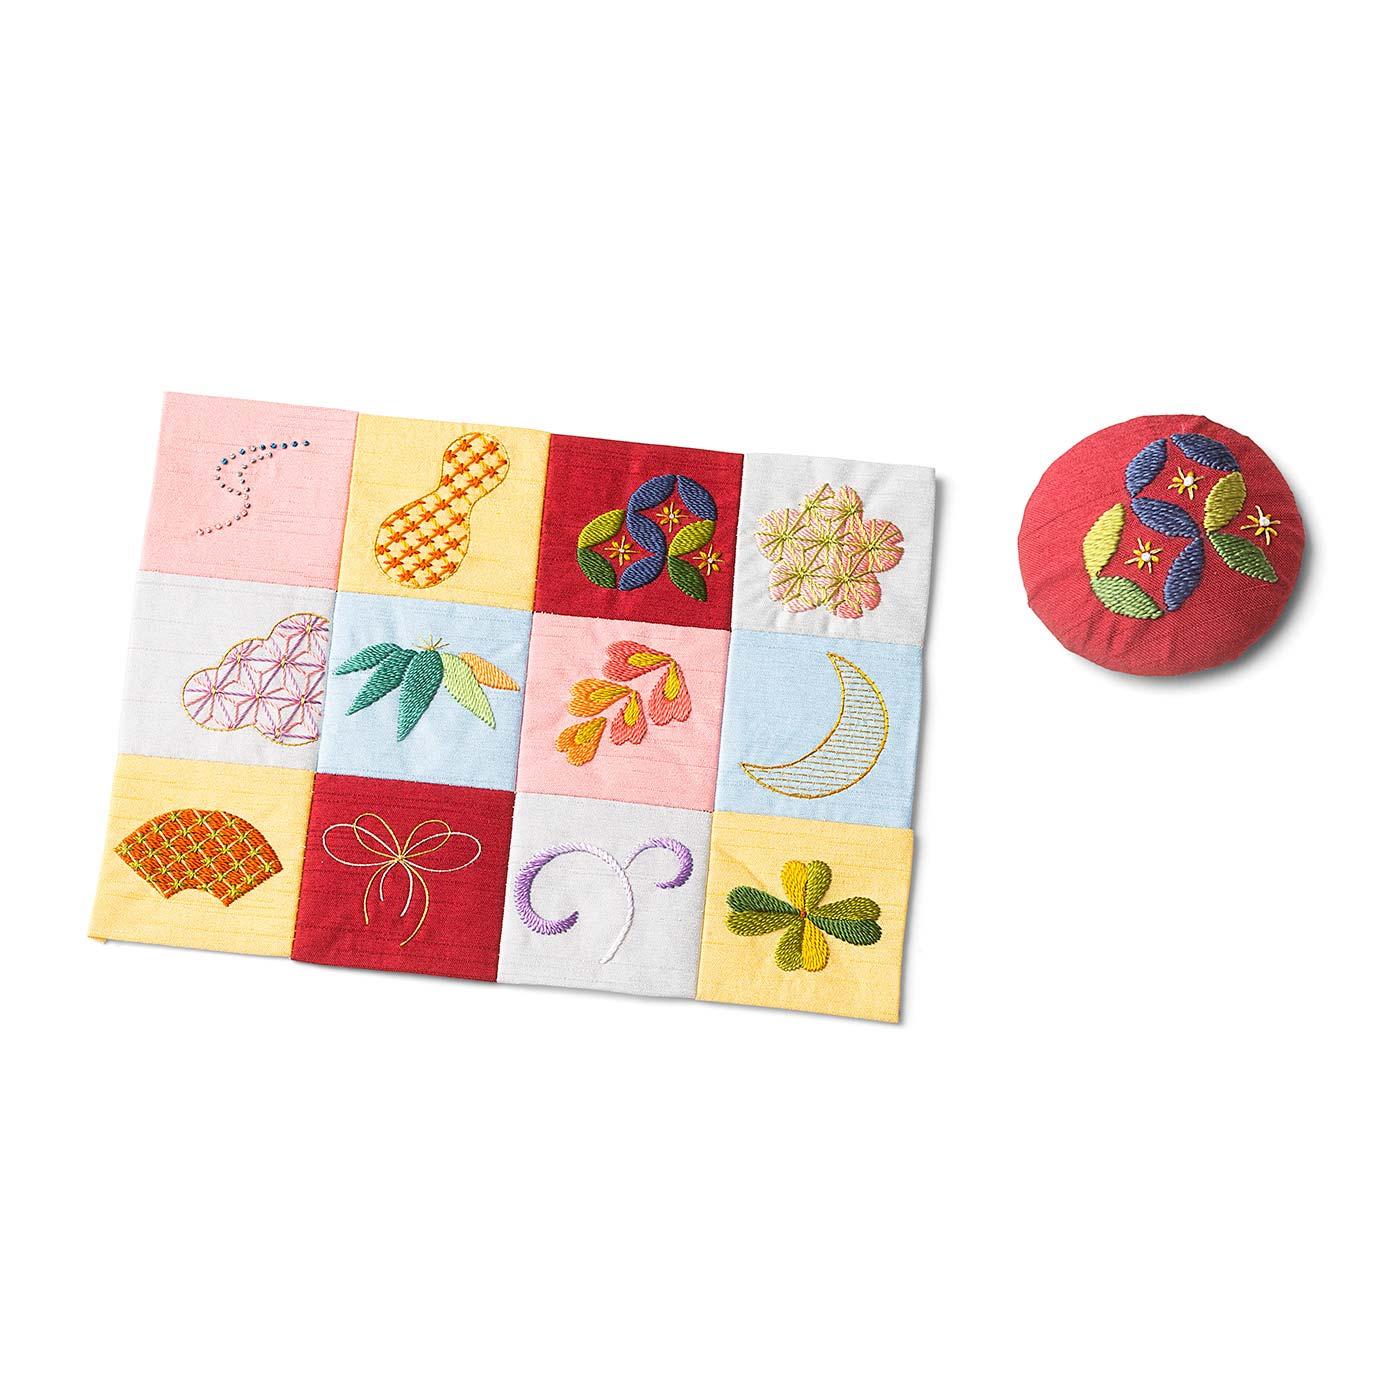 サンプラーはつなげて作品として飾っても、1枚ずつくるみボタンなどにアレンジしてもかわいい。